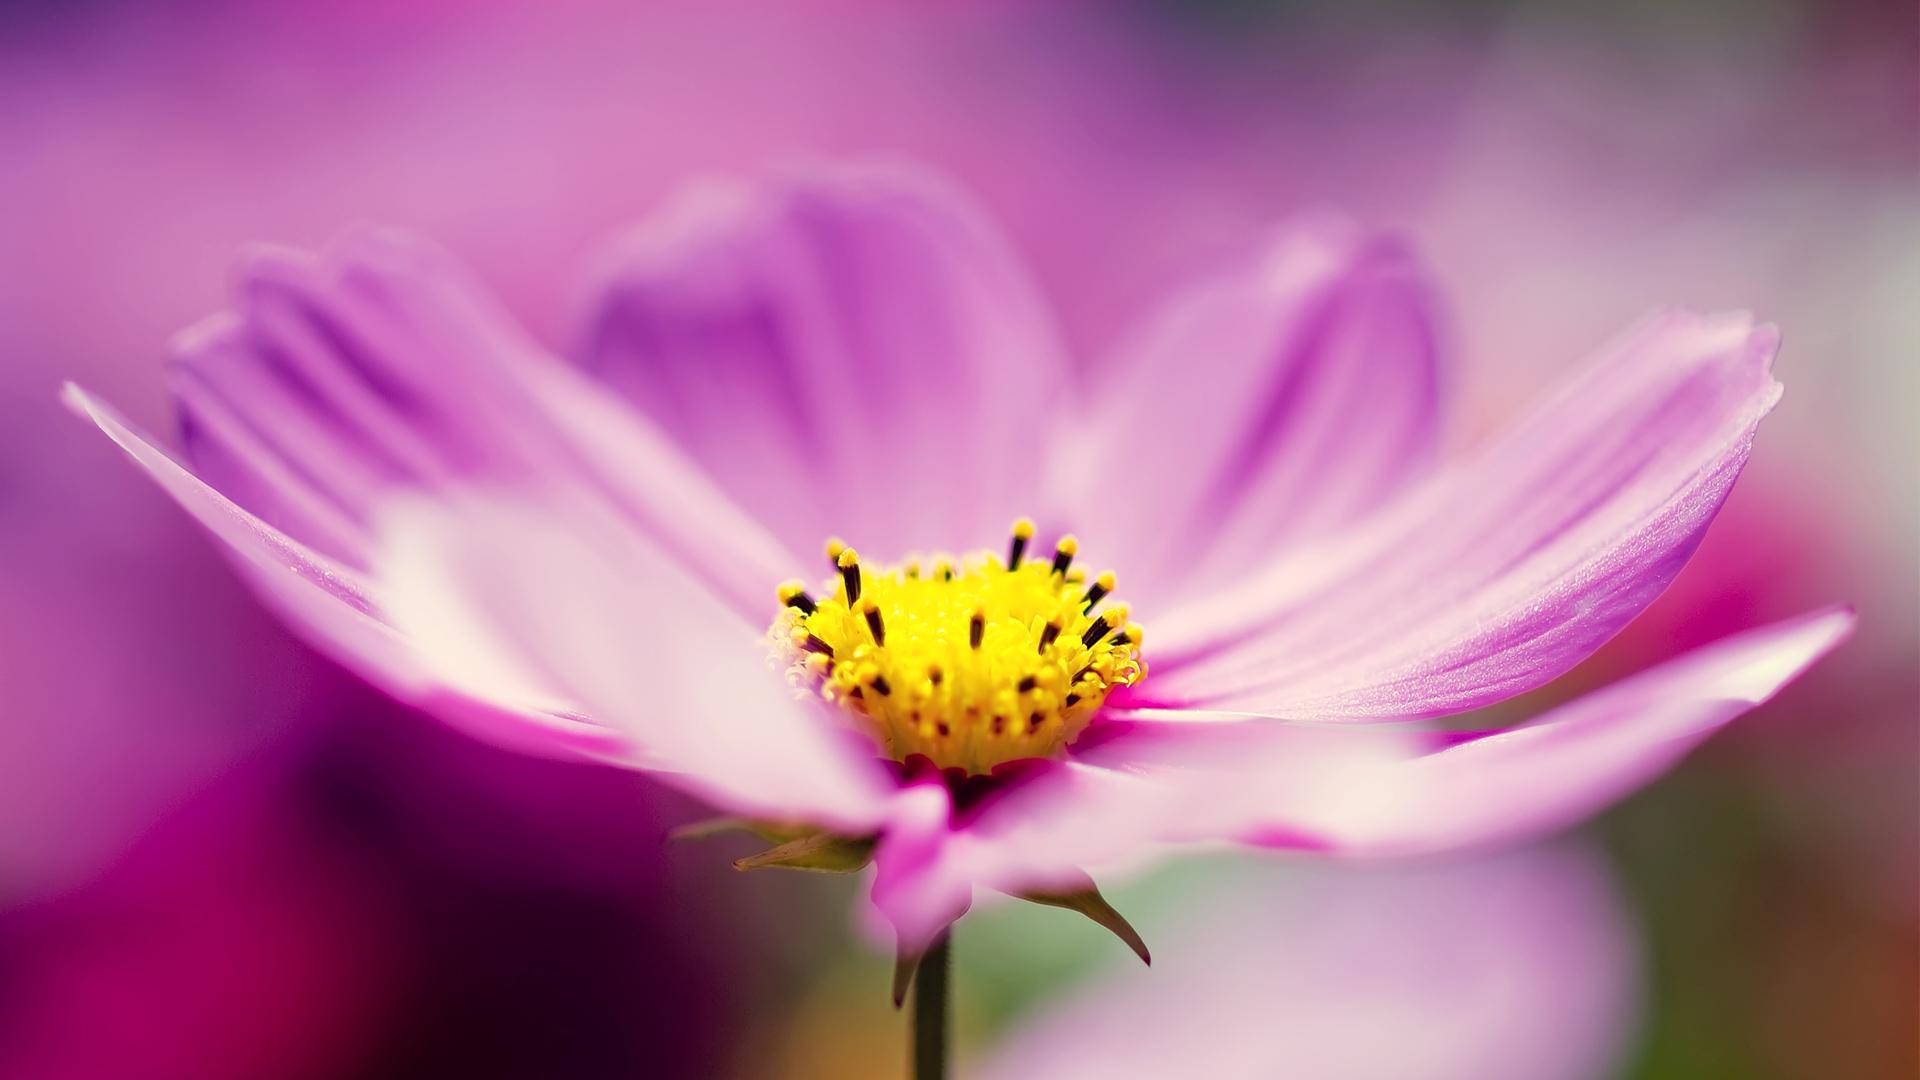 清新唯美的花儿桌面壁纸